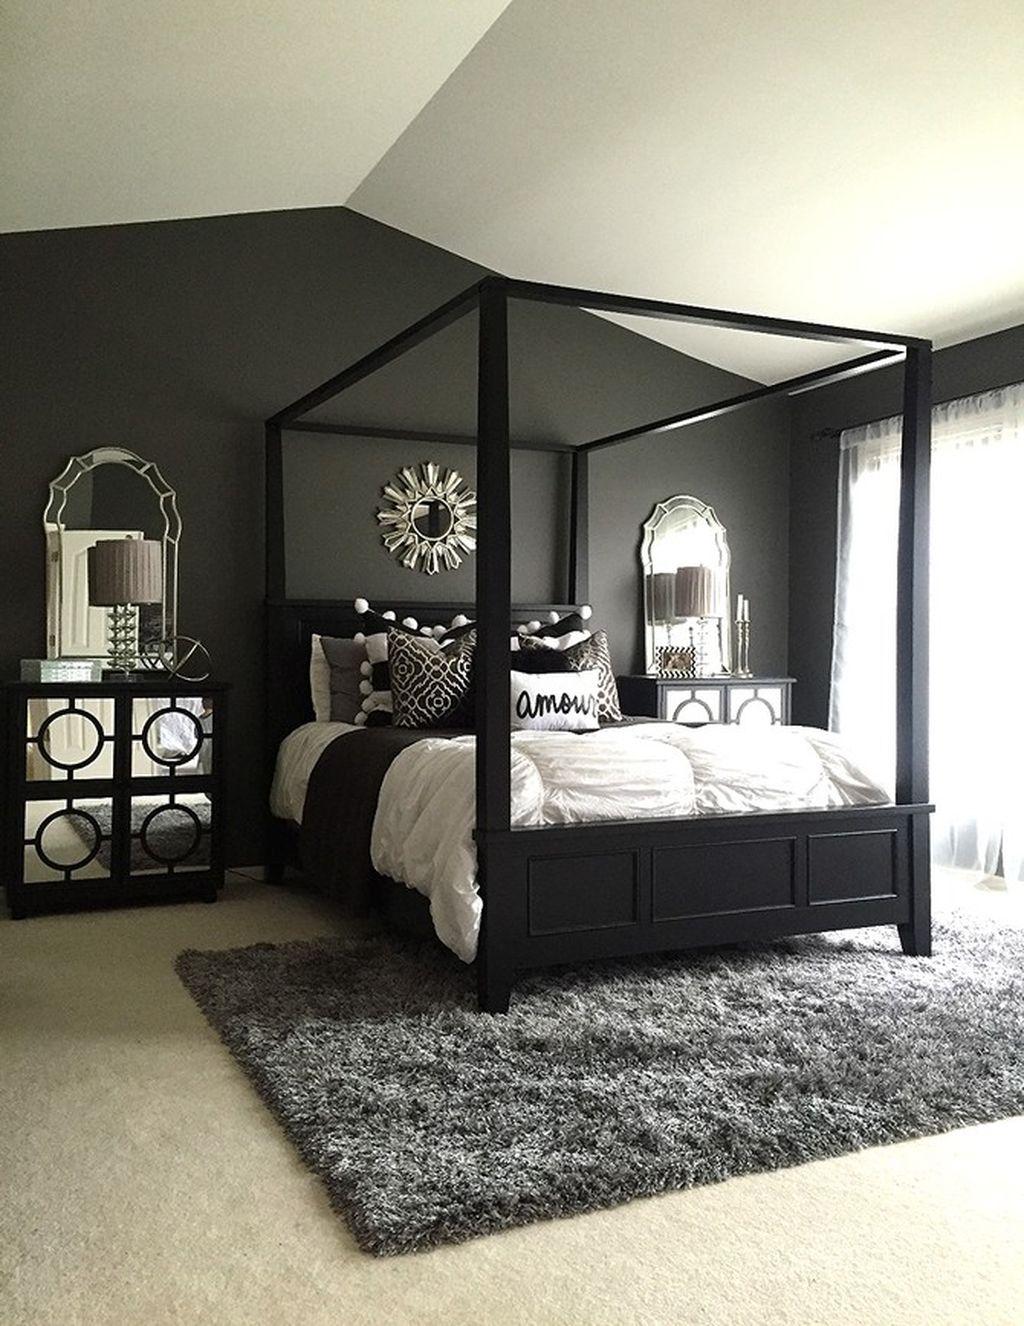 Stylish stylish black and white bedroom ideas (36) - ROUNDECOR